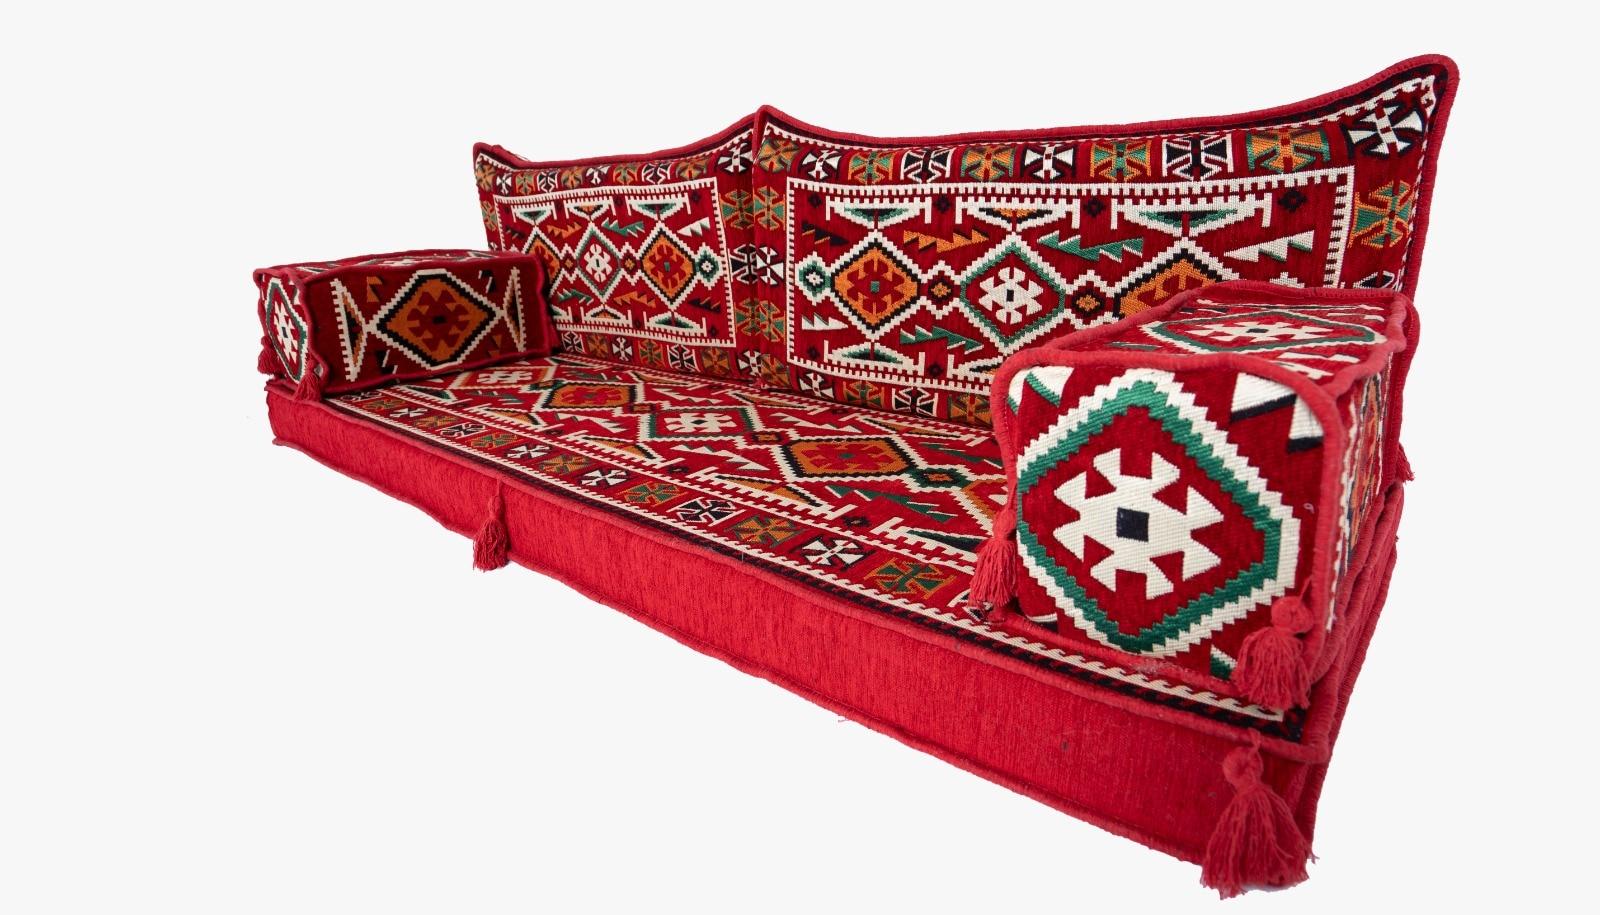 طقم جلوس عربي للأرضية ، طقم صالة عربي بتصميم تقليدي ، أريكة غرفة المعيشة ، مجلس عربي ، أريكة عثمانية وبساط